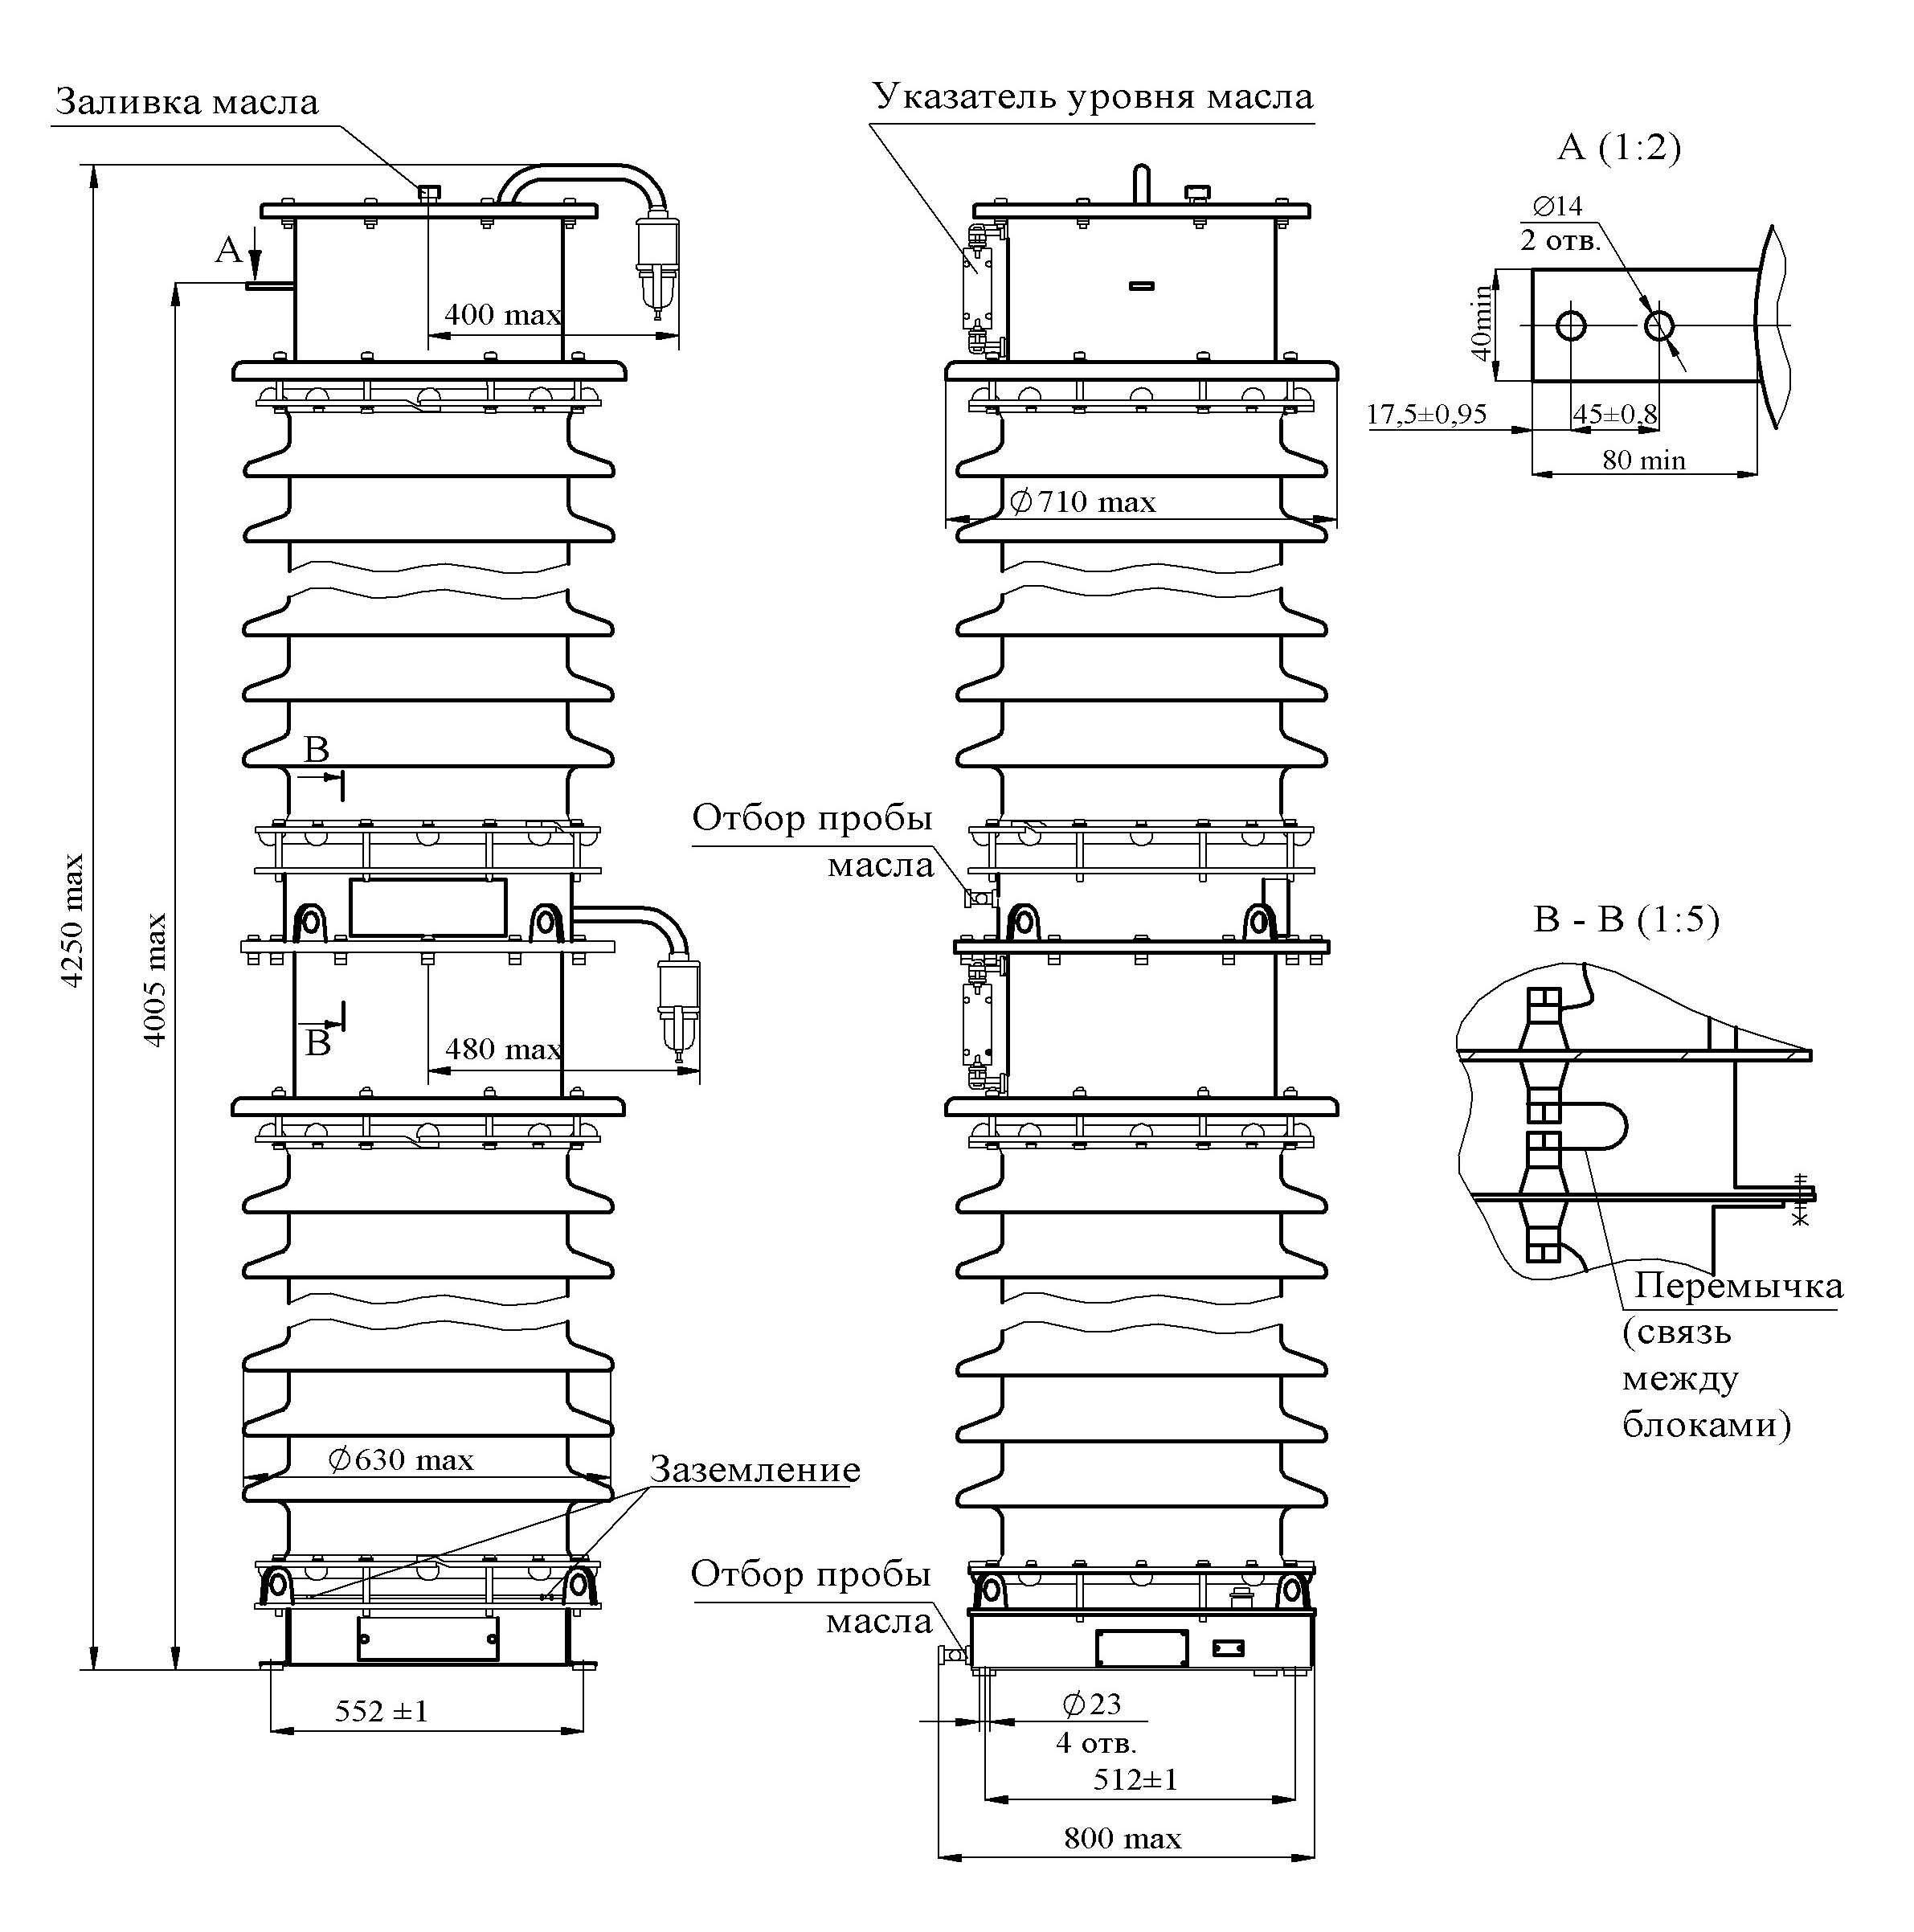 Трансформатор напряжения НКФ – 220 III Т1 (экспорт, класс точности 0,2)